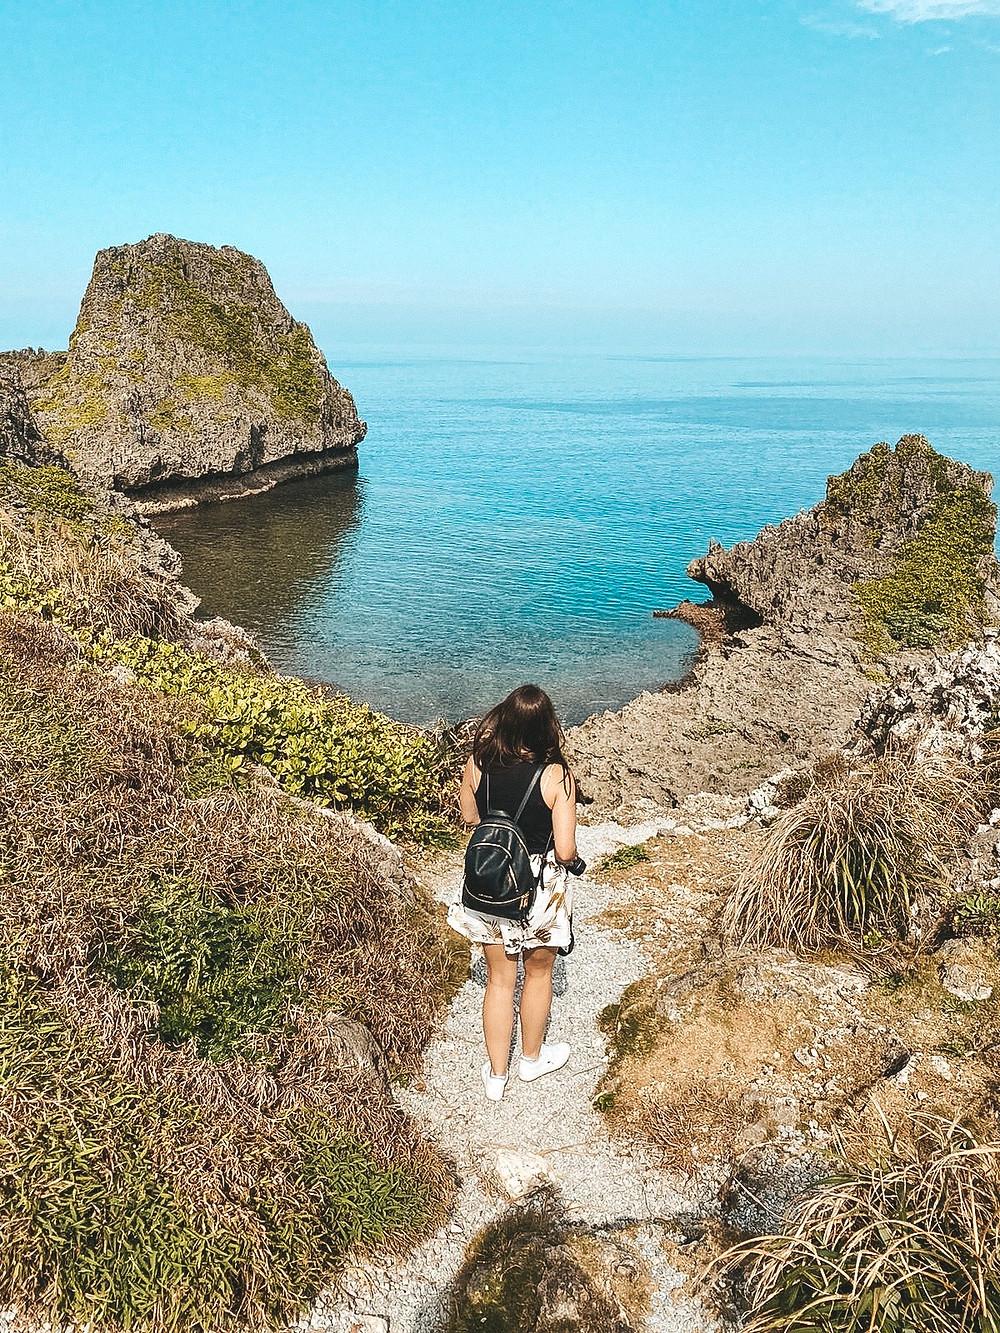 Cape Madea Okinawa Naha Japan